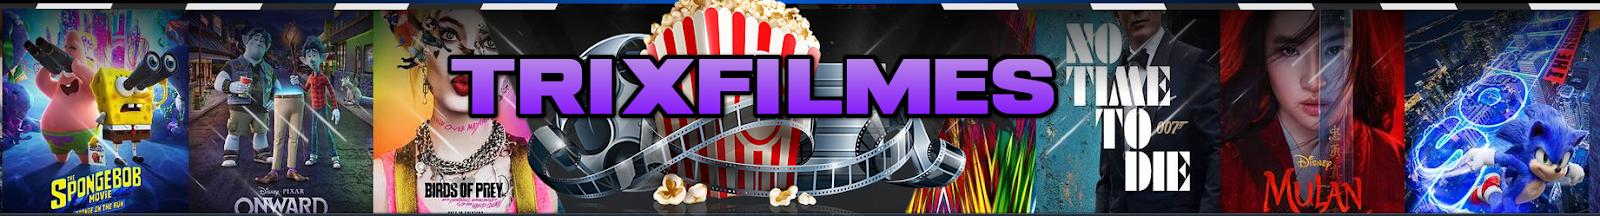 Trix Filmes Torrent - Series Torrents